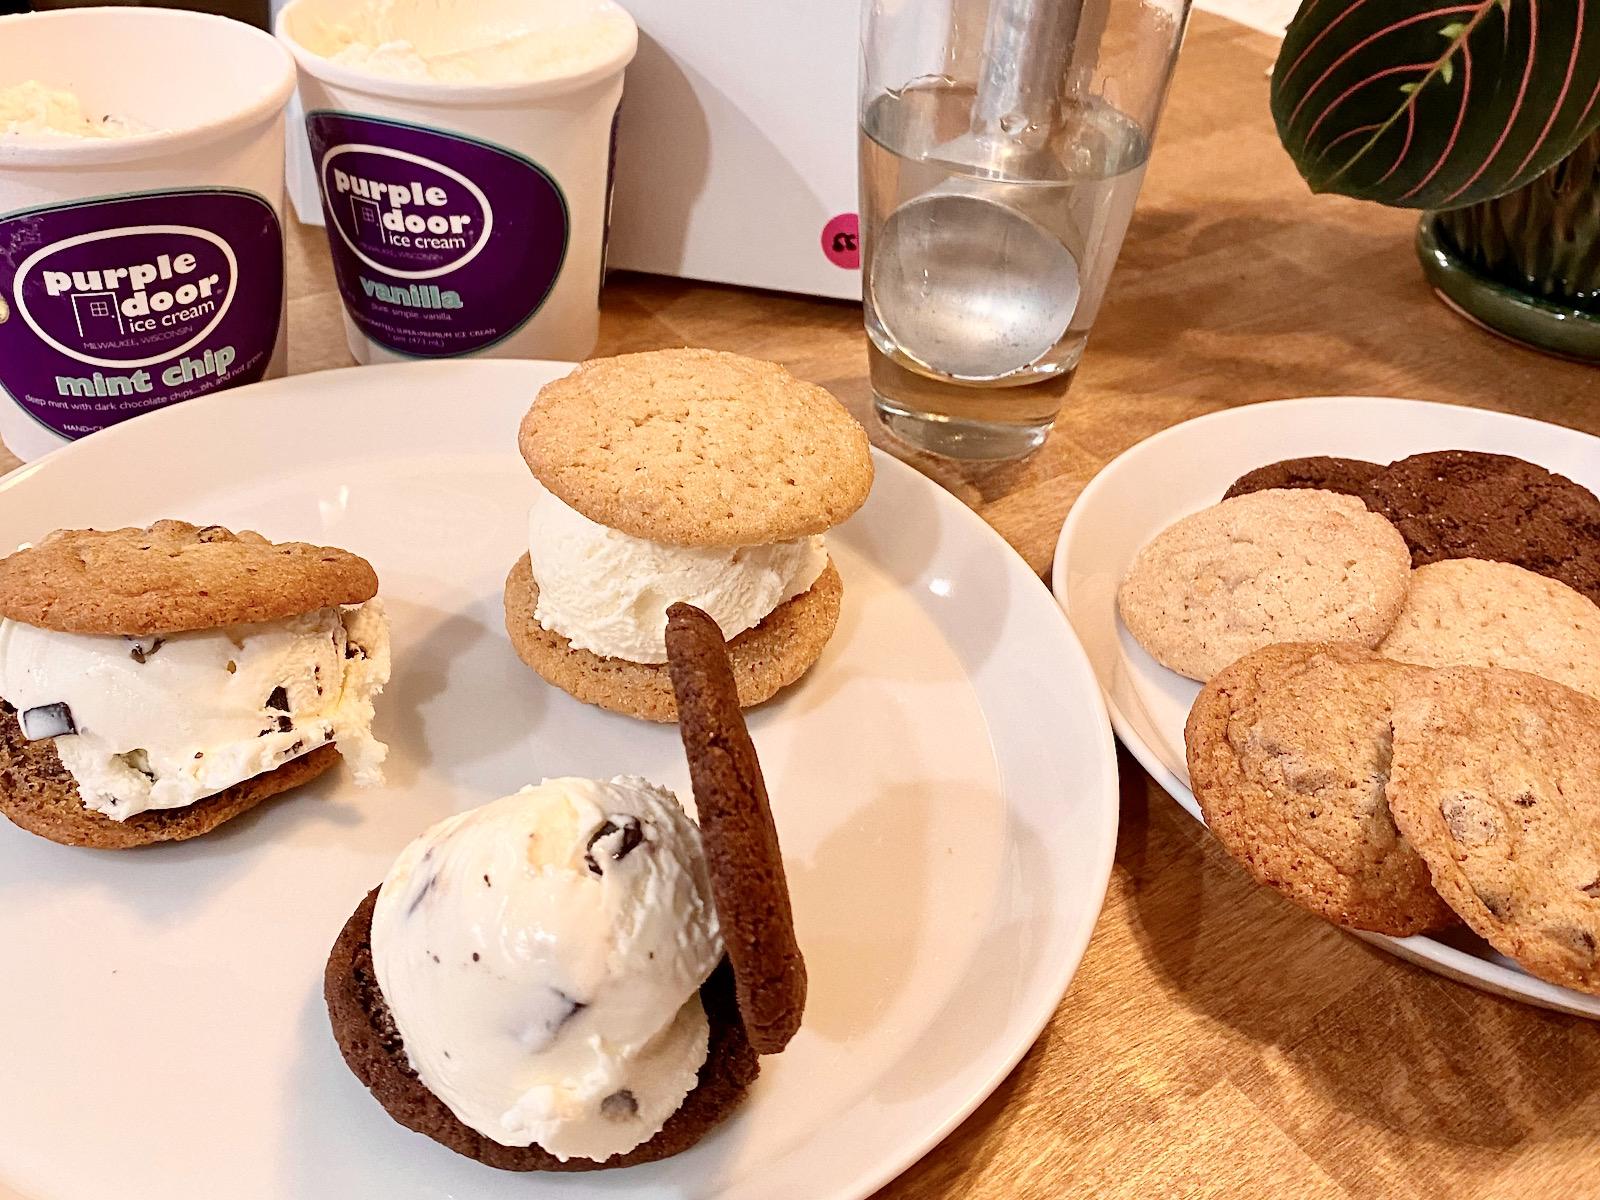 Purple Door Ice Cream ice cream sandwich kit